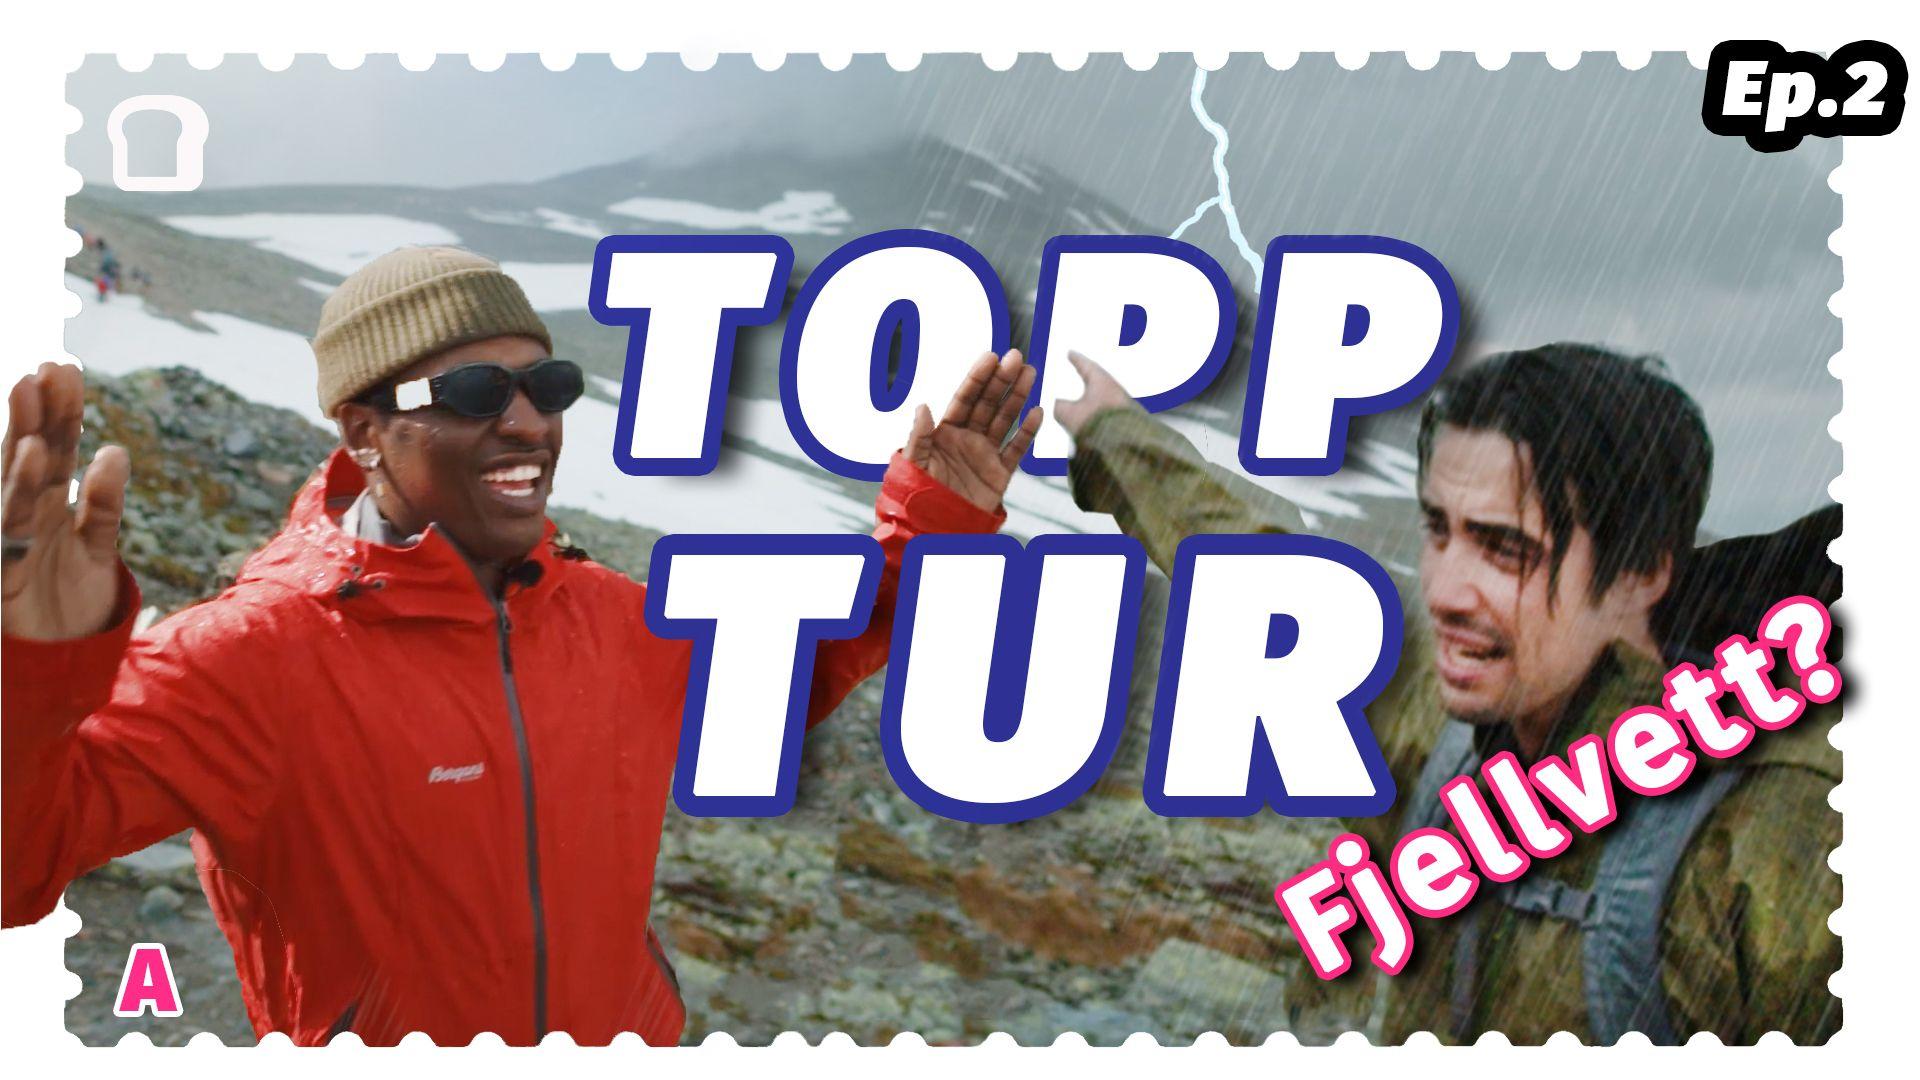 I seriens andre episode tar Emil og Morten med Safari på topptur. Her får han utfordret seg i nordmenns kanskje største lidenskap, og et innblikk i hvorfor vi drar til fjells. Han får blant annet brynet seg på værskifte, melkesyre og usedvanlig hyggelige turentusiaster – i tillegg til å lære seg hvordan man hilser på fjells.